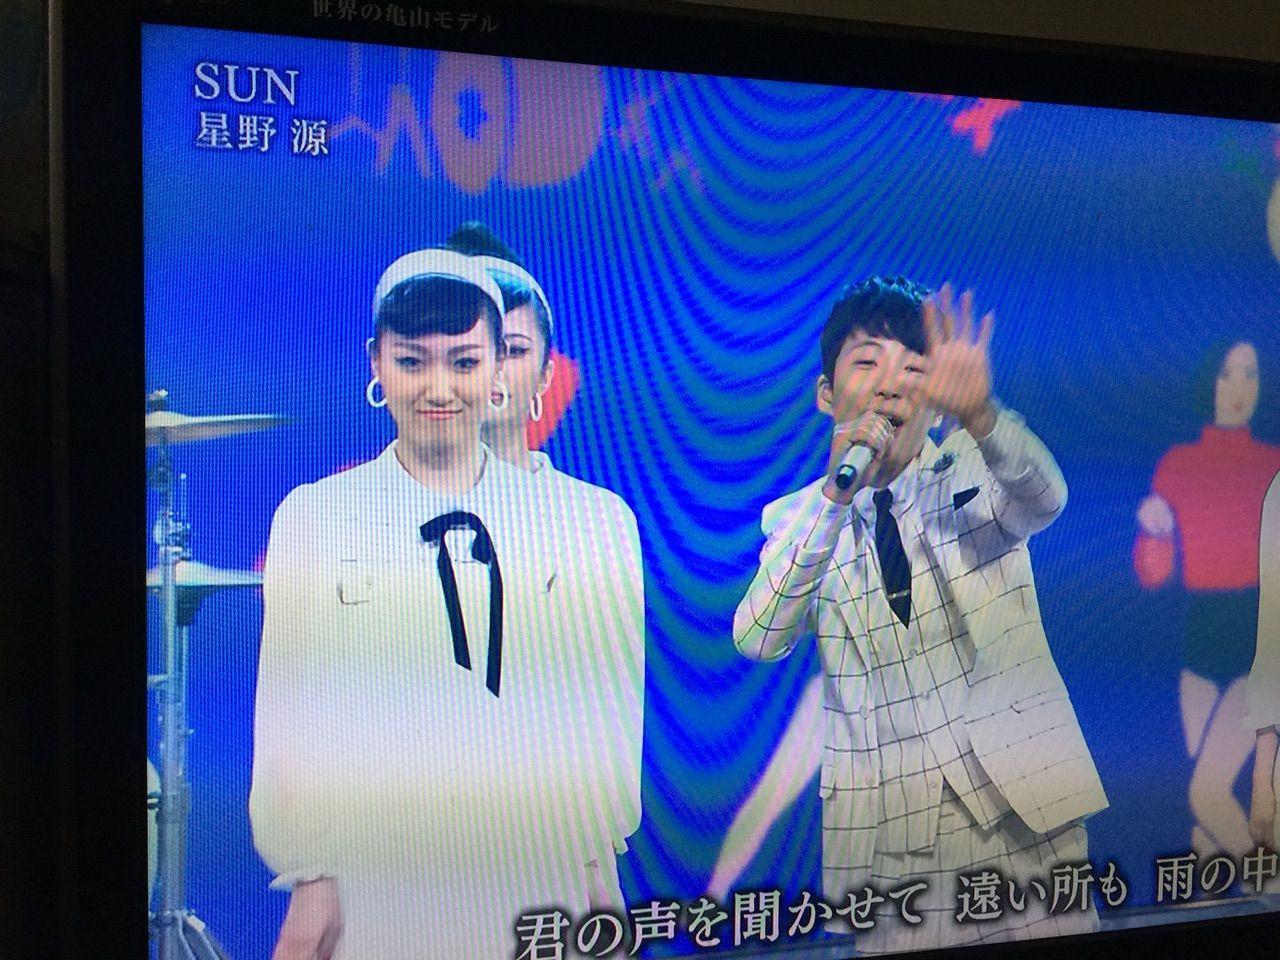 林檎 ダンサー 椎名 バック